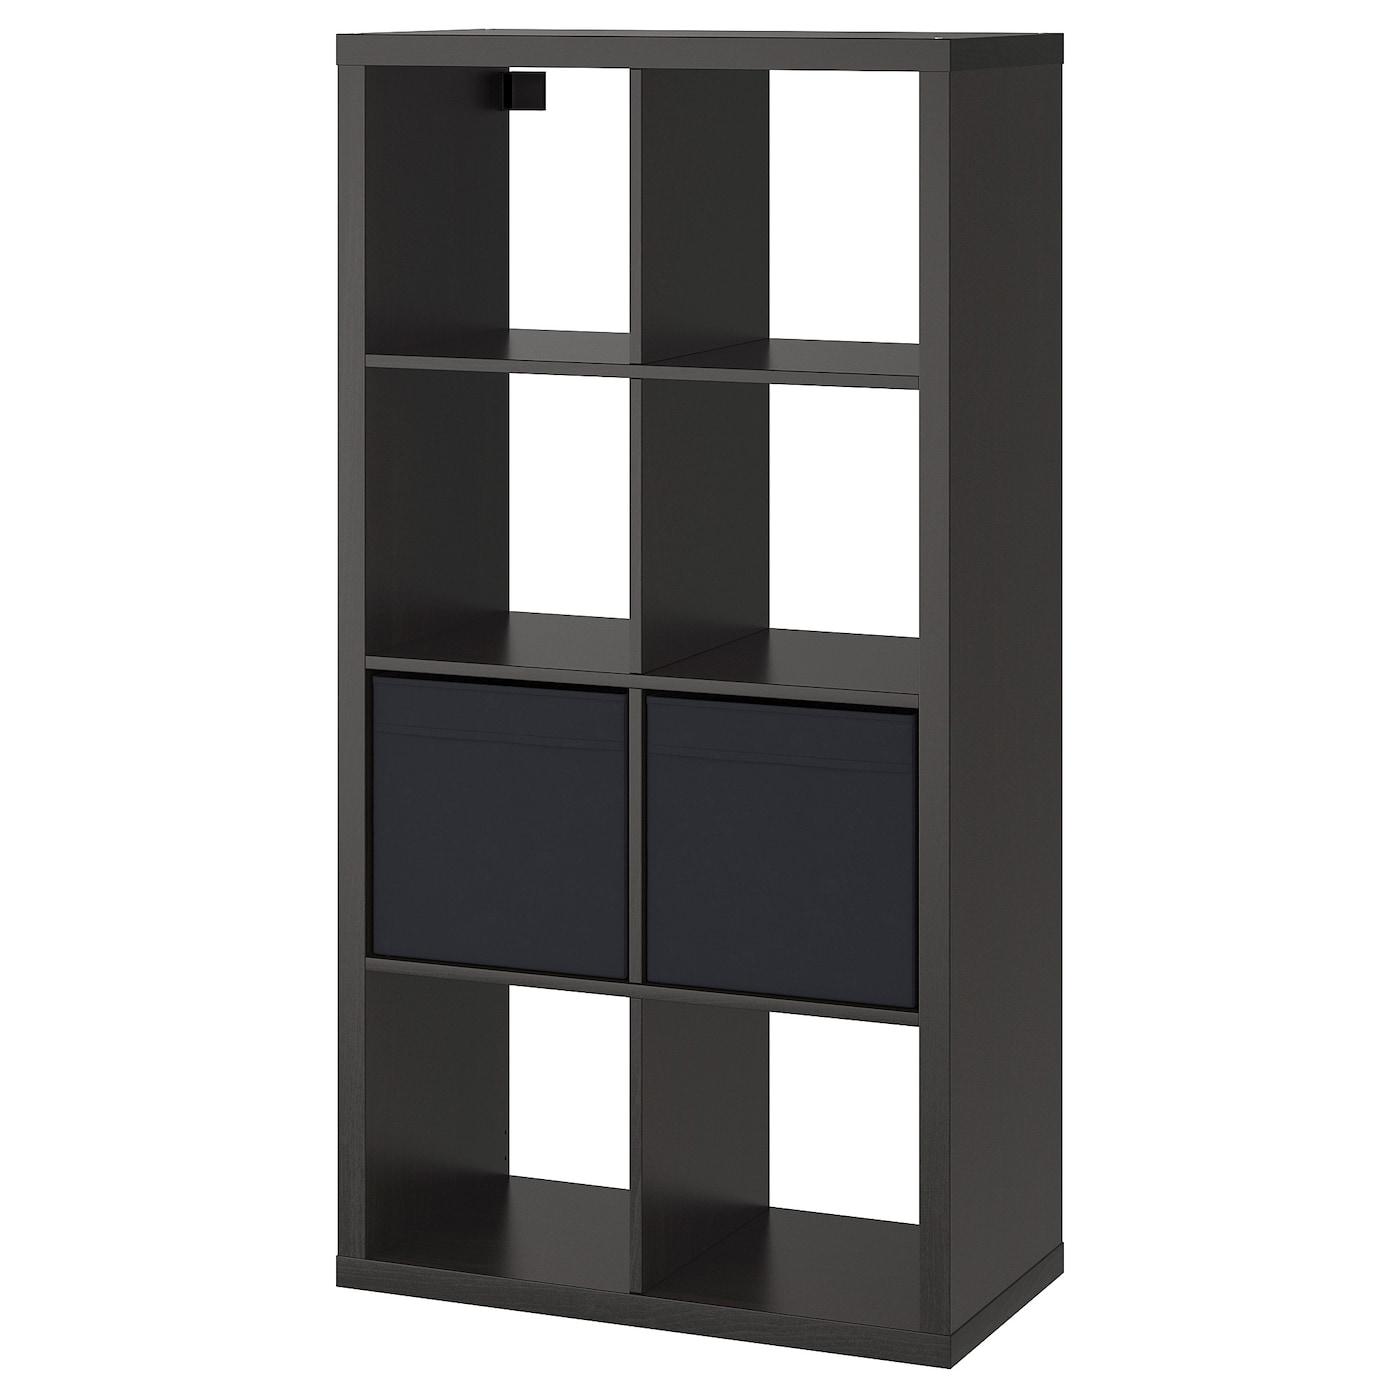 Speelgoedkast Te Koop.Kallax Serie Ikea